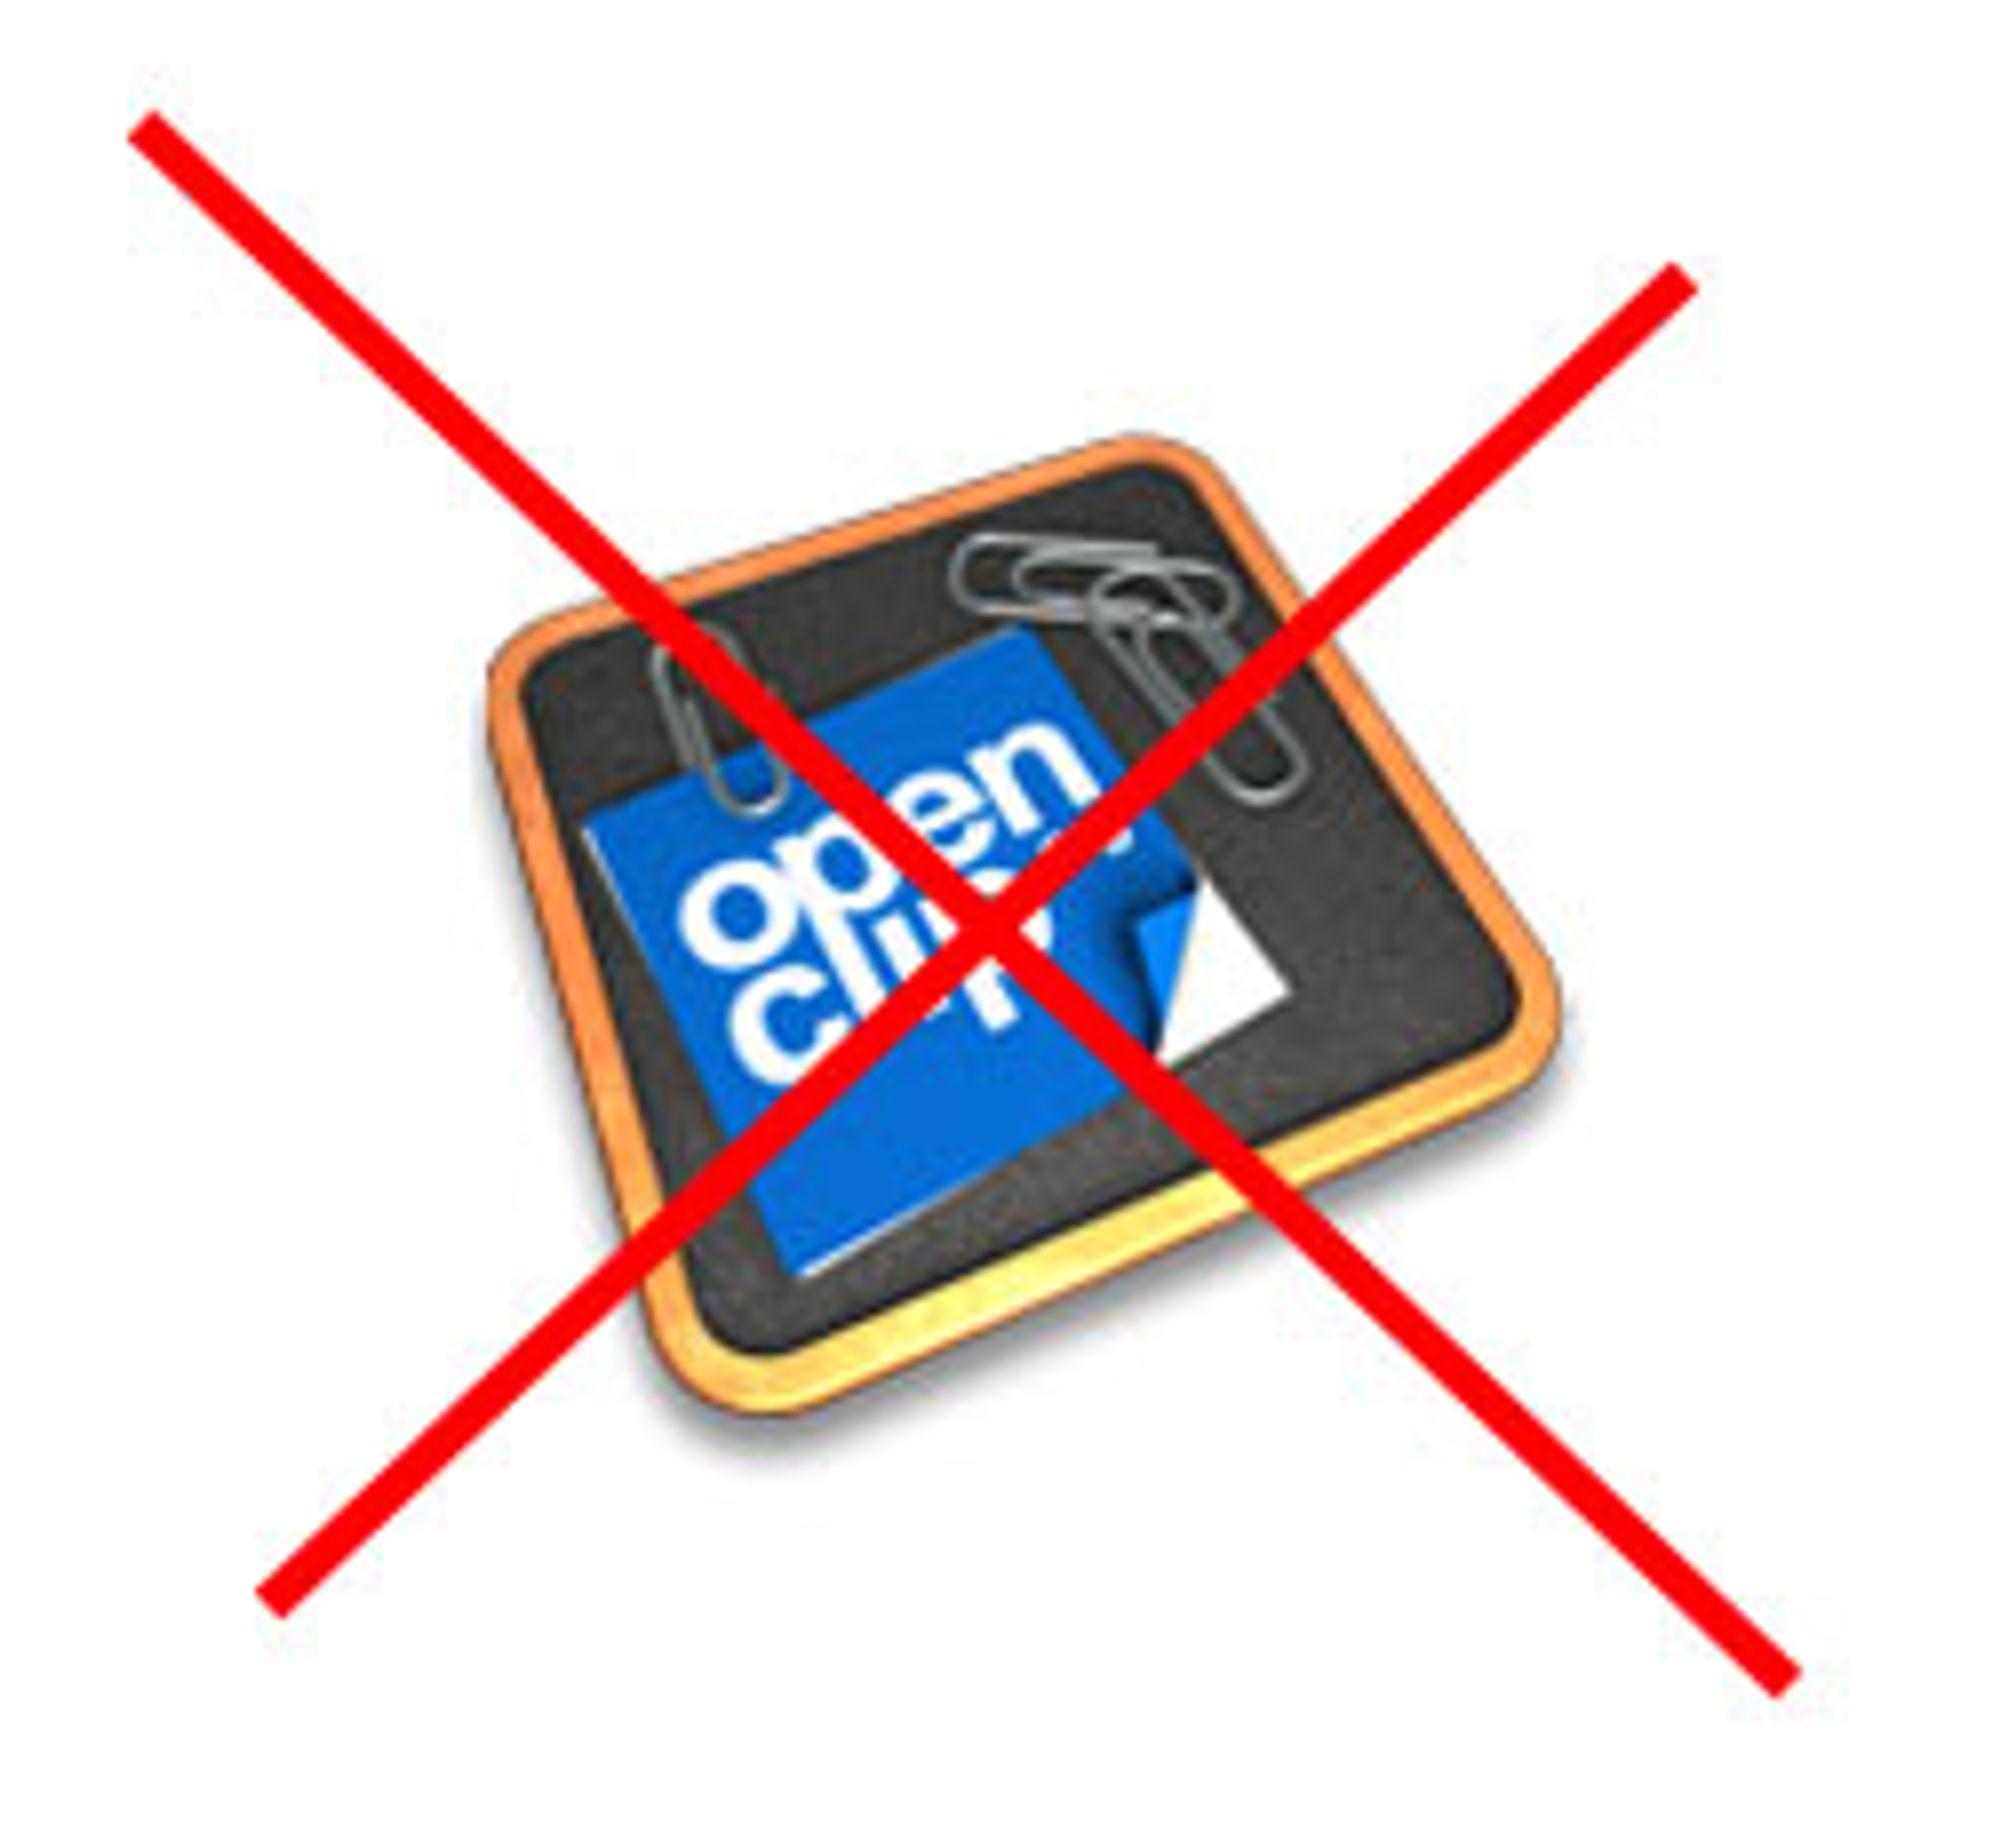 Openclip blir nærmest ubrukelig i Iphone 2.1-programvaren.